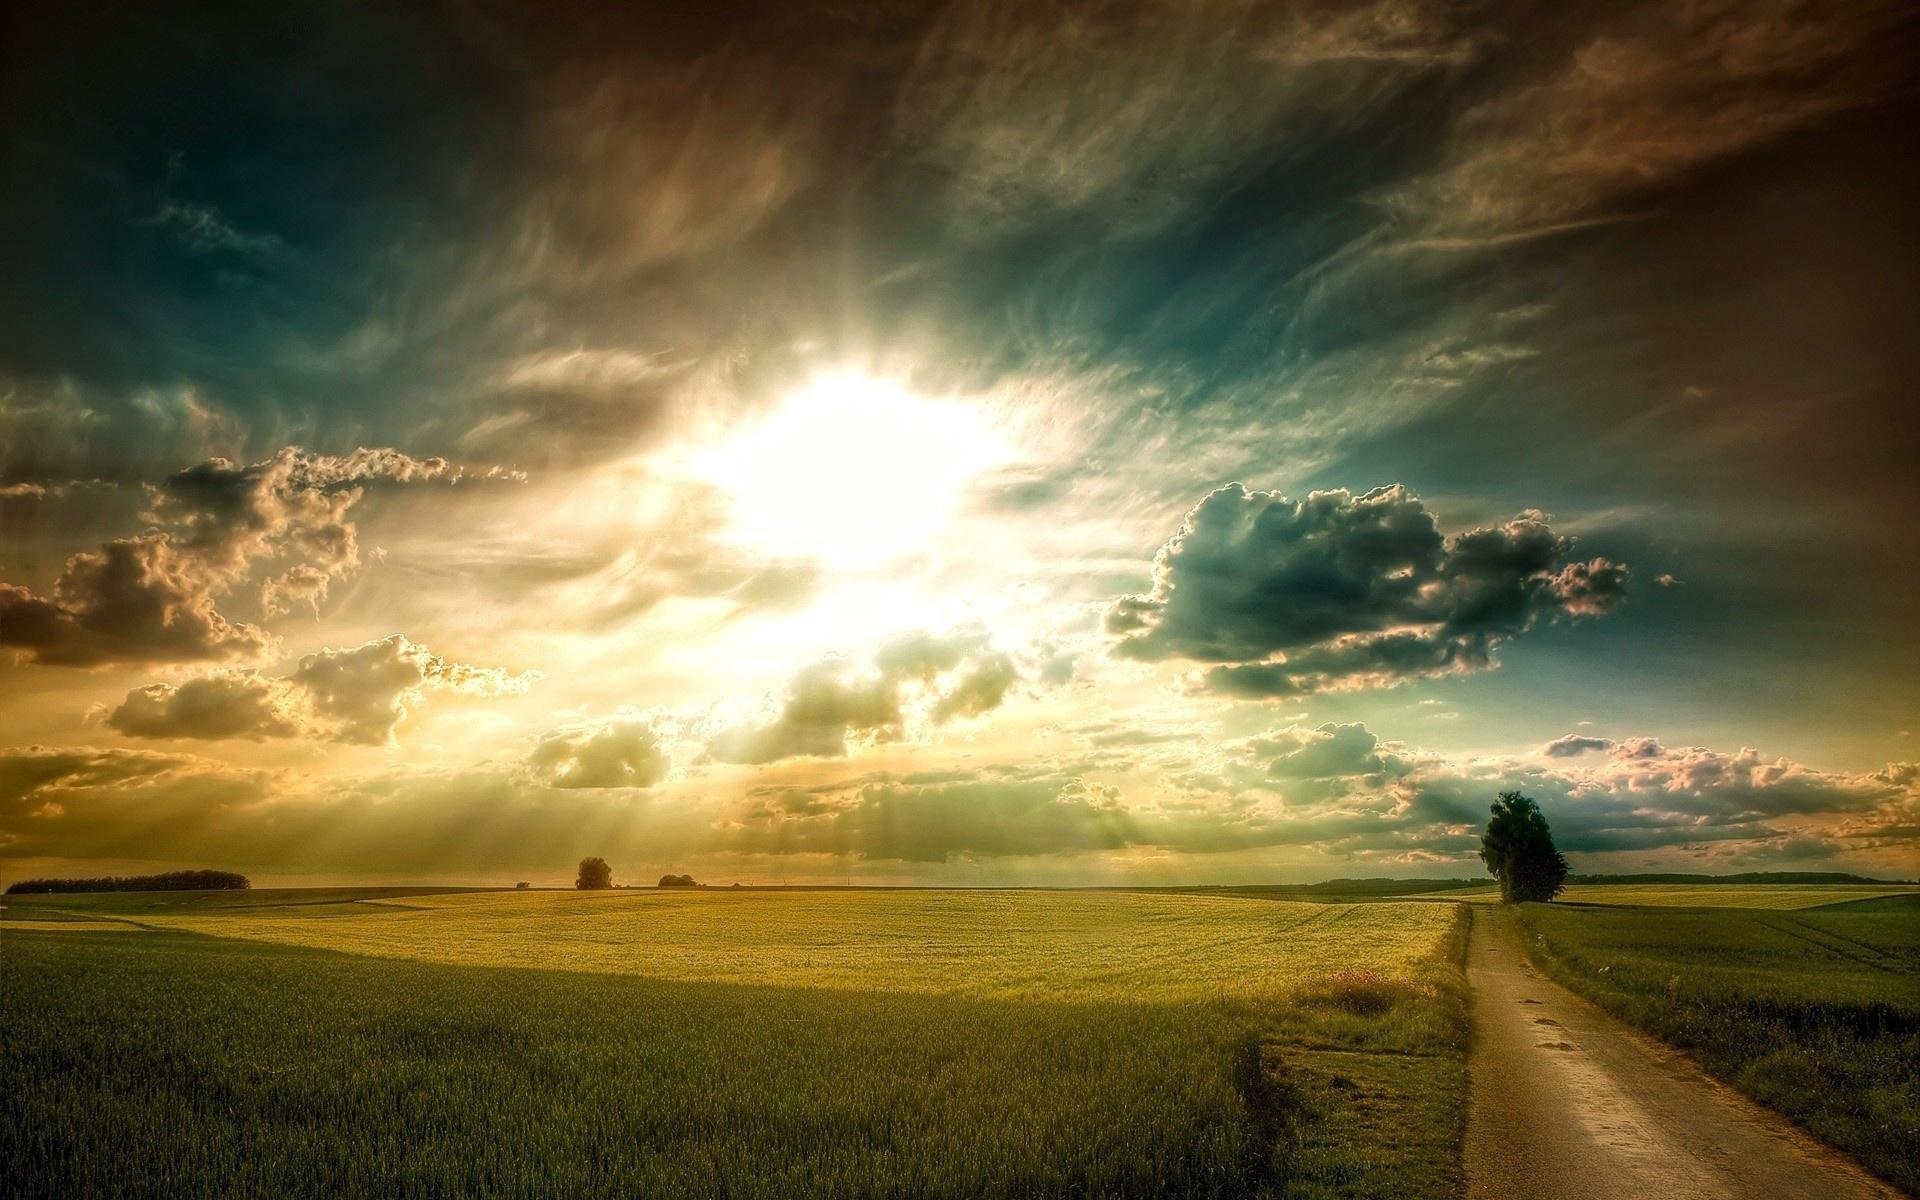 Поле дорога небо закат скачать